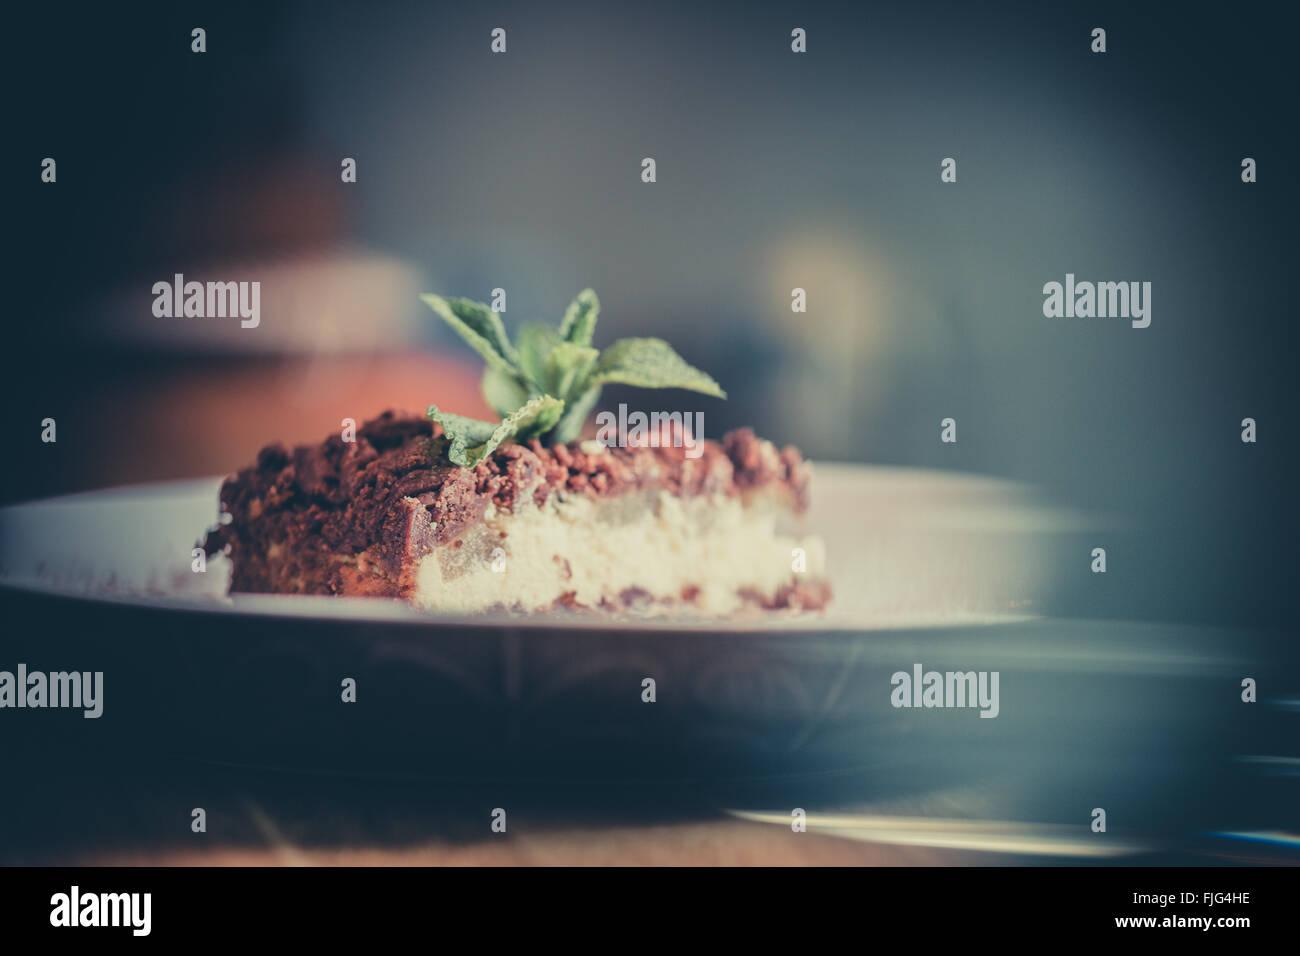 Comida Pastel Bake Cheesecake dulce de placa Imagen De Stock